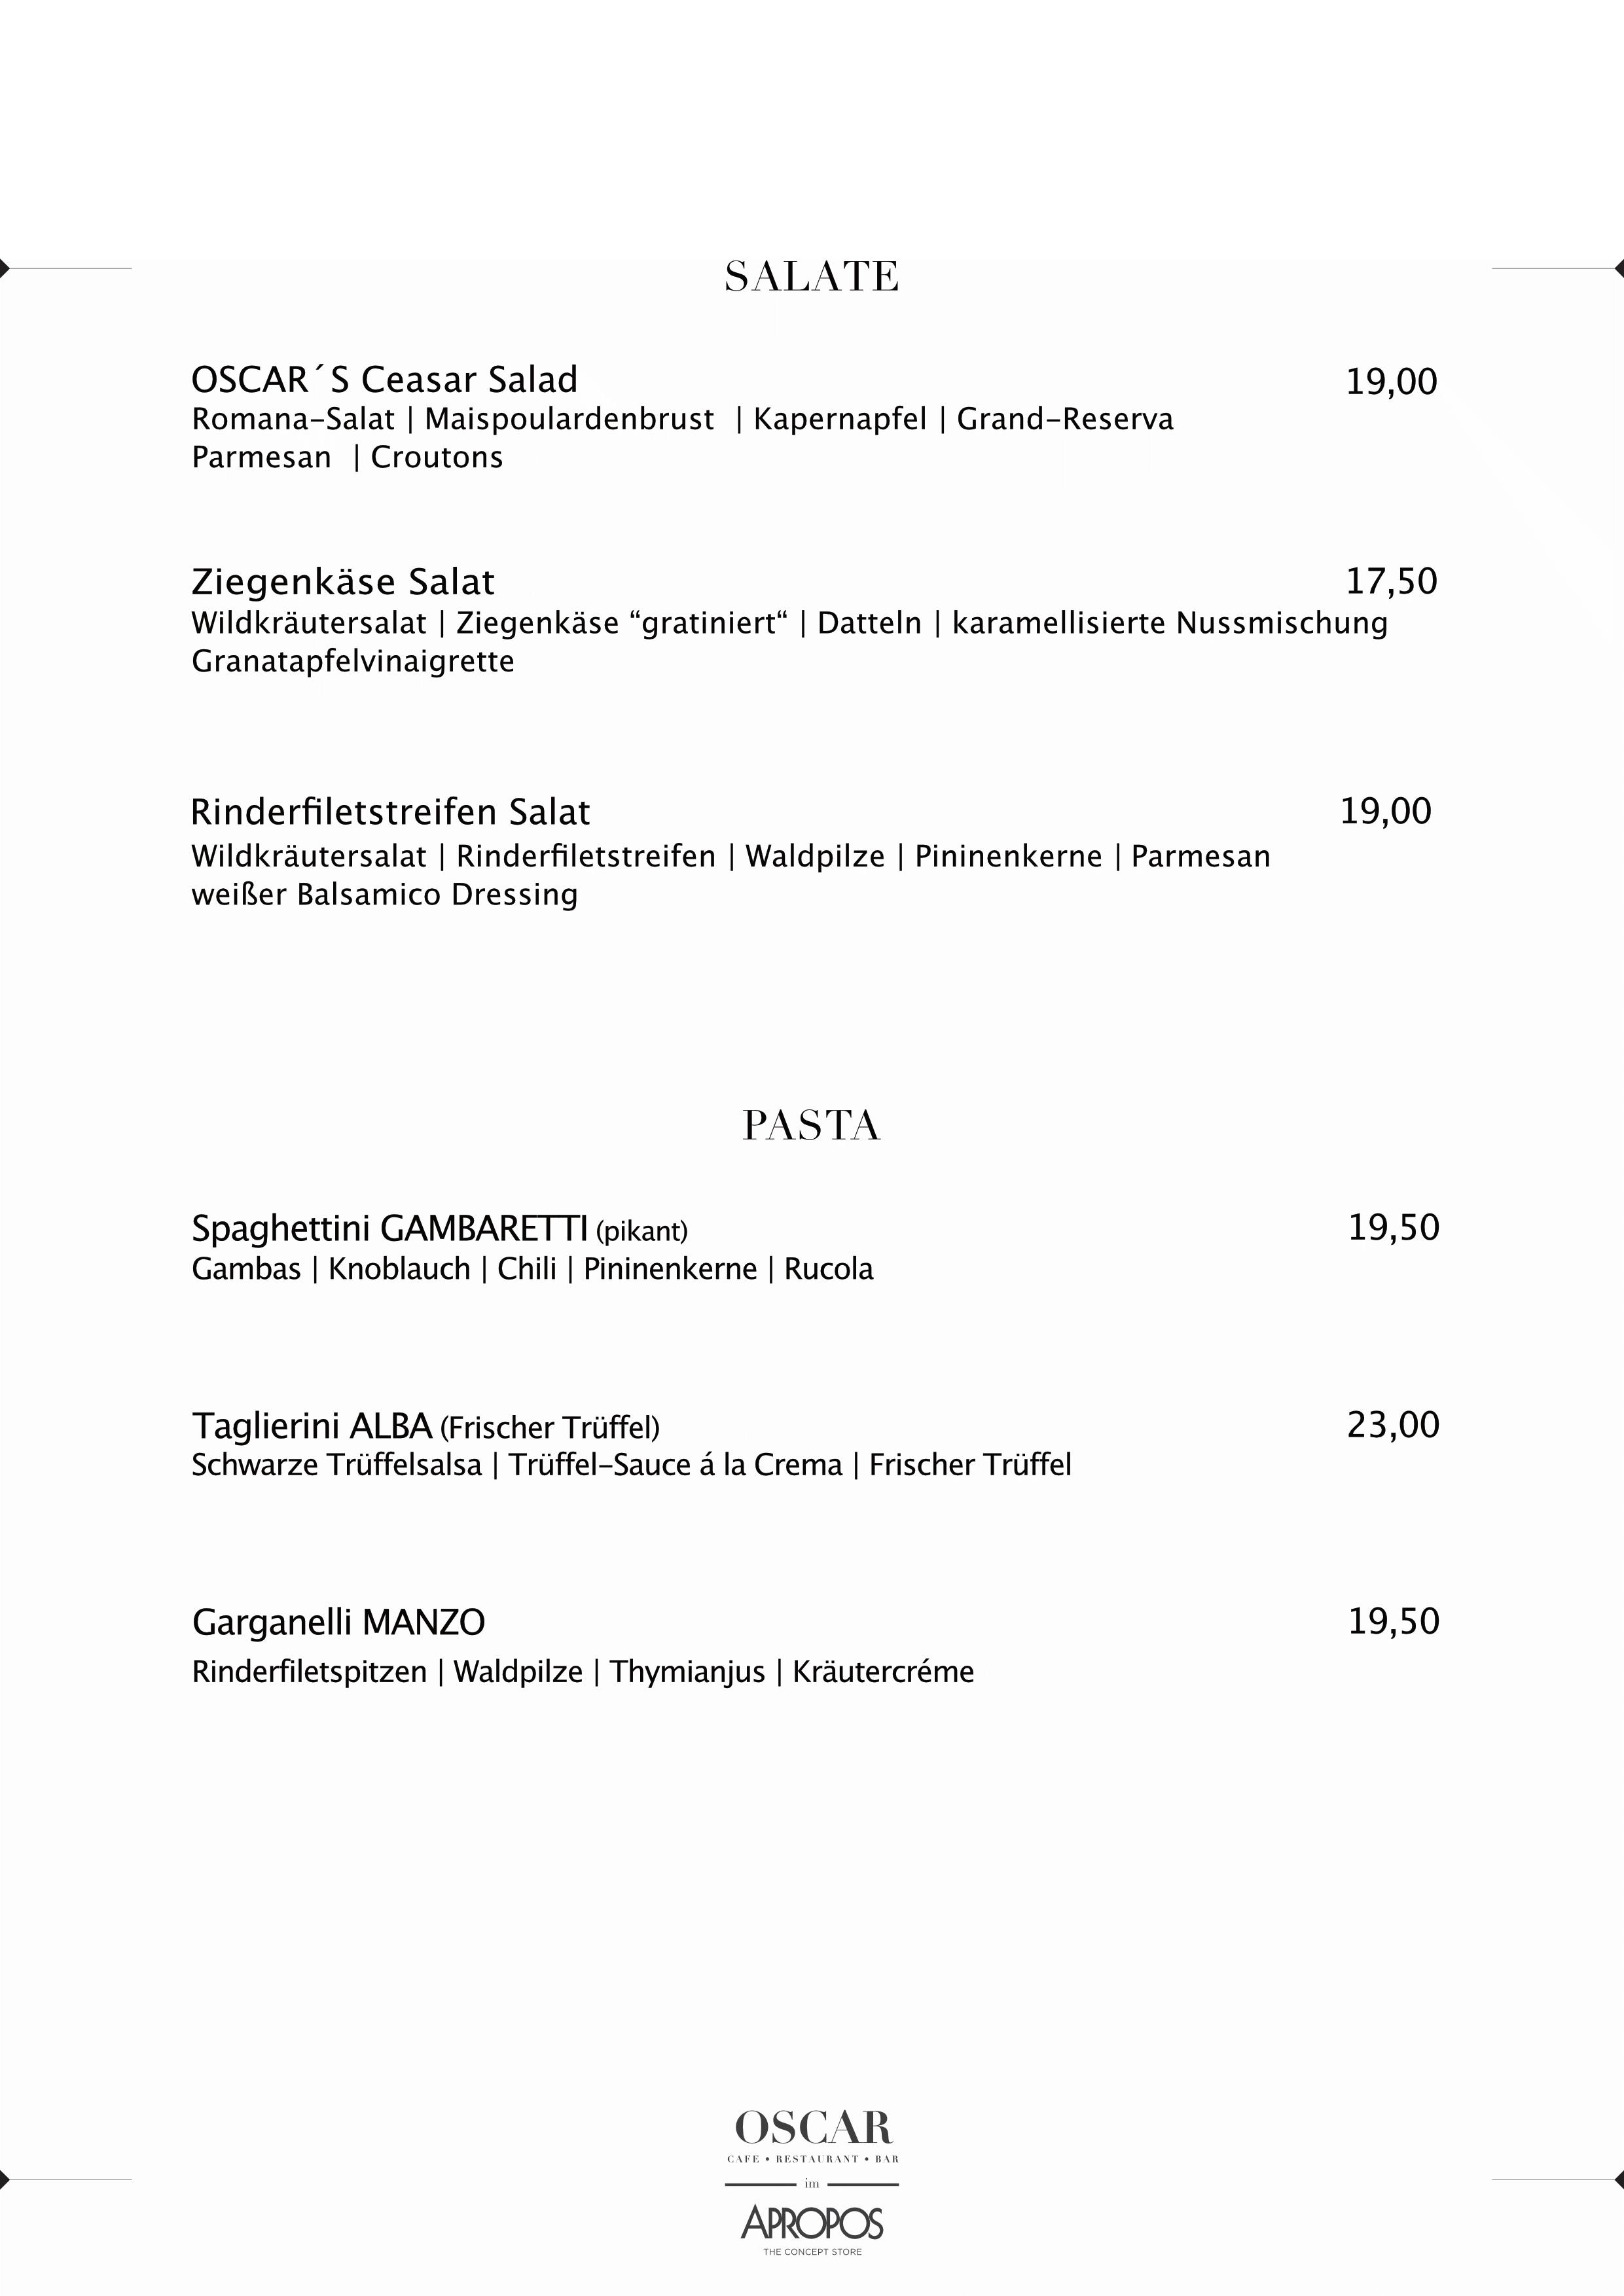 2-speisekarte-feb-20-koln